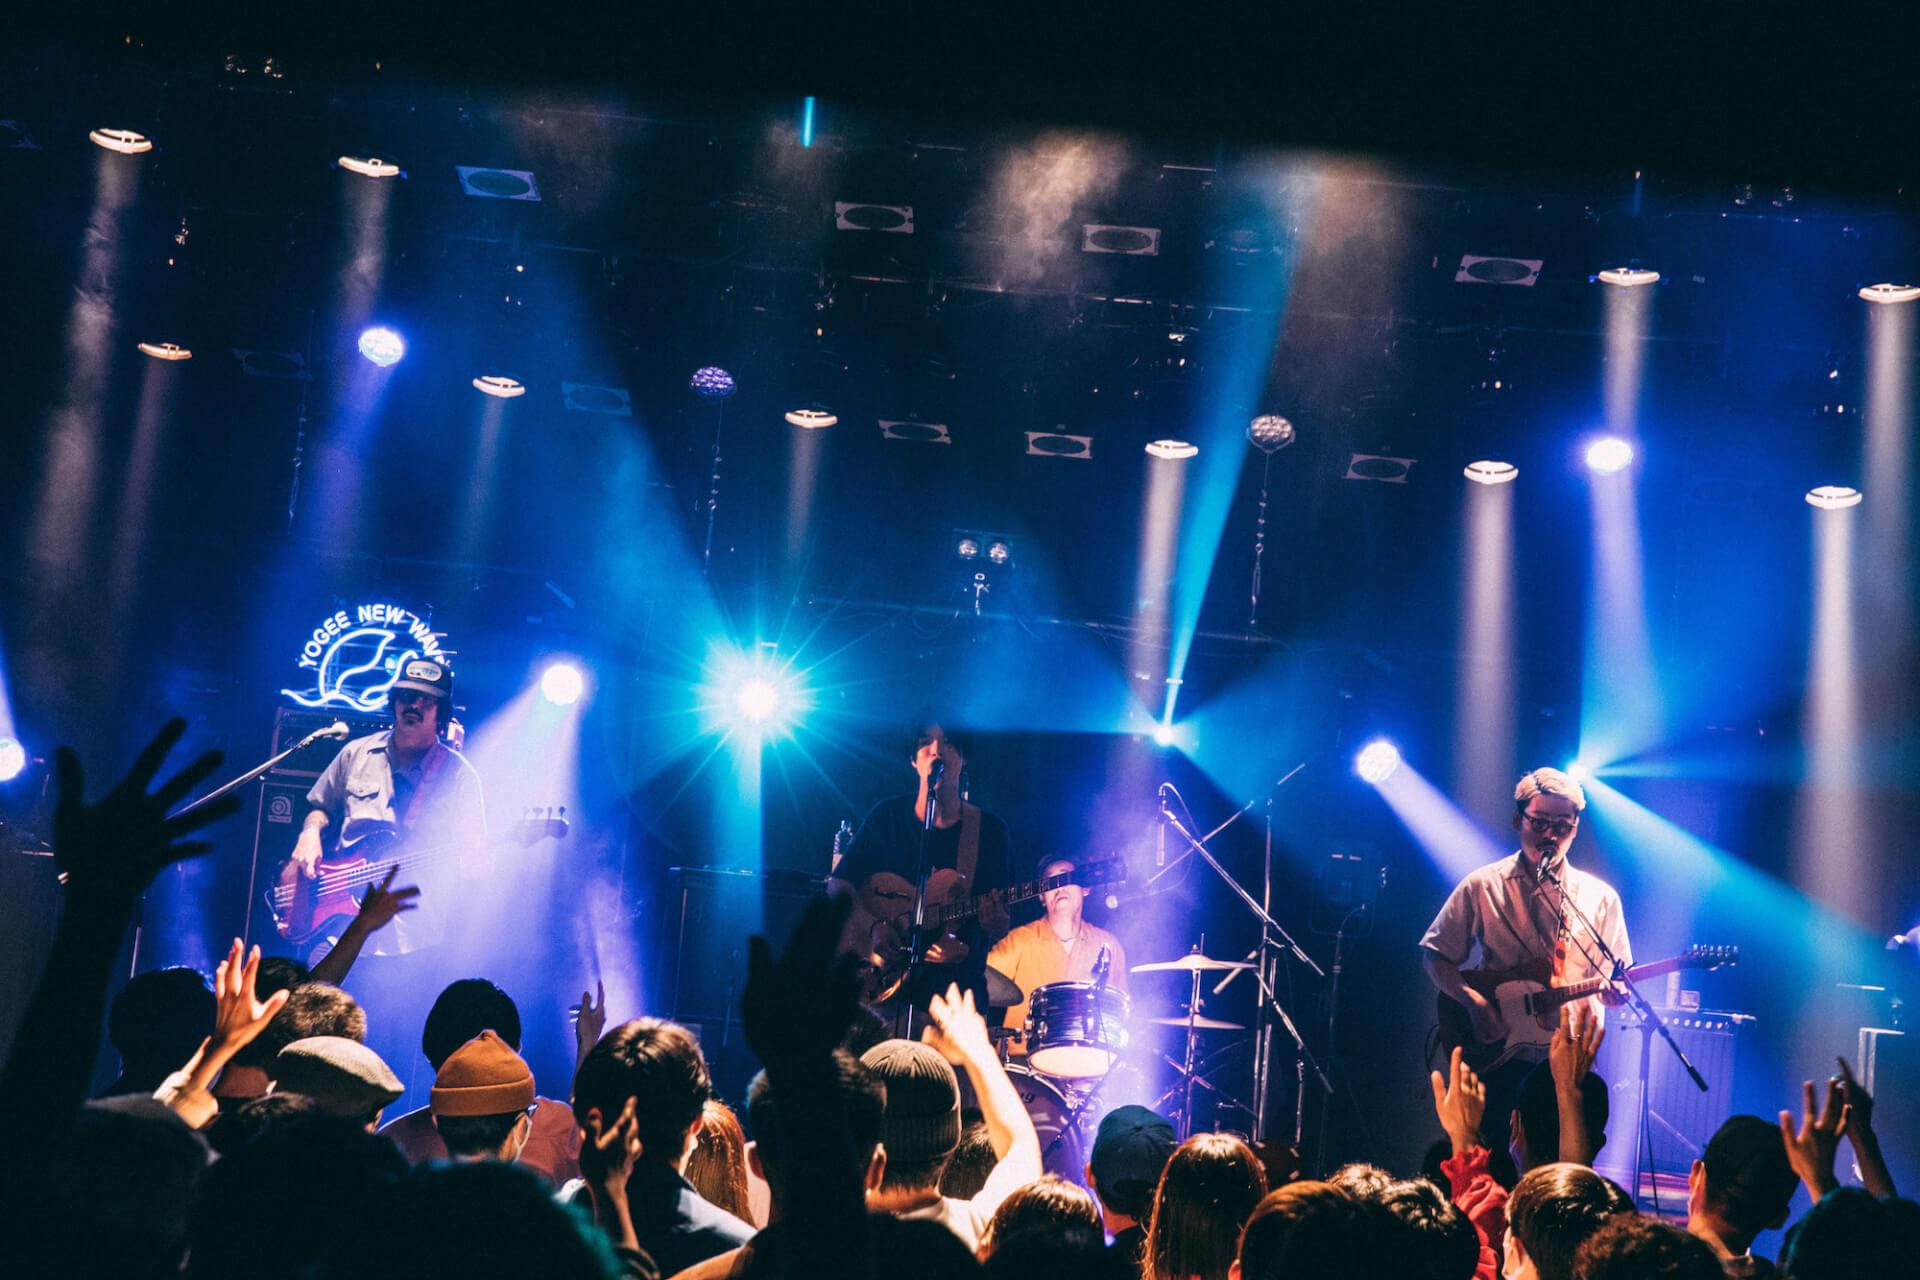 ライブレポート:WWW 10th Anniversary BIM × Yogee New Waves━━生活と分かち難いライブの喜び music210624-bim-yogee-new-waves-3